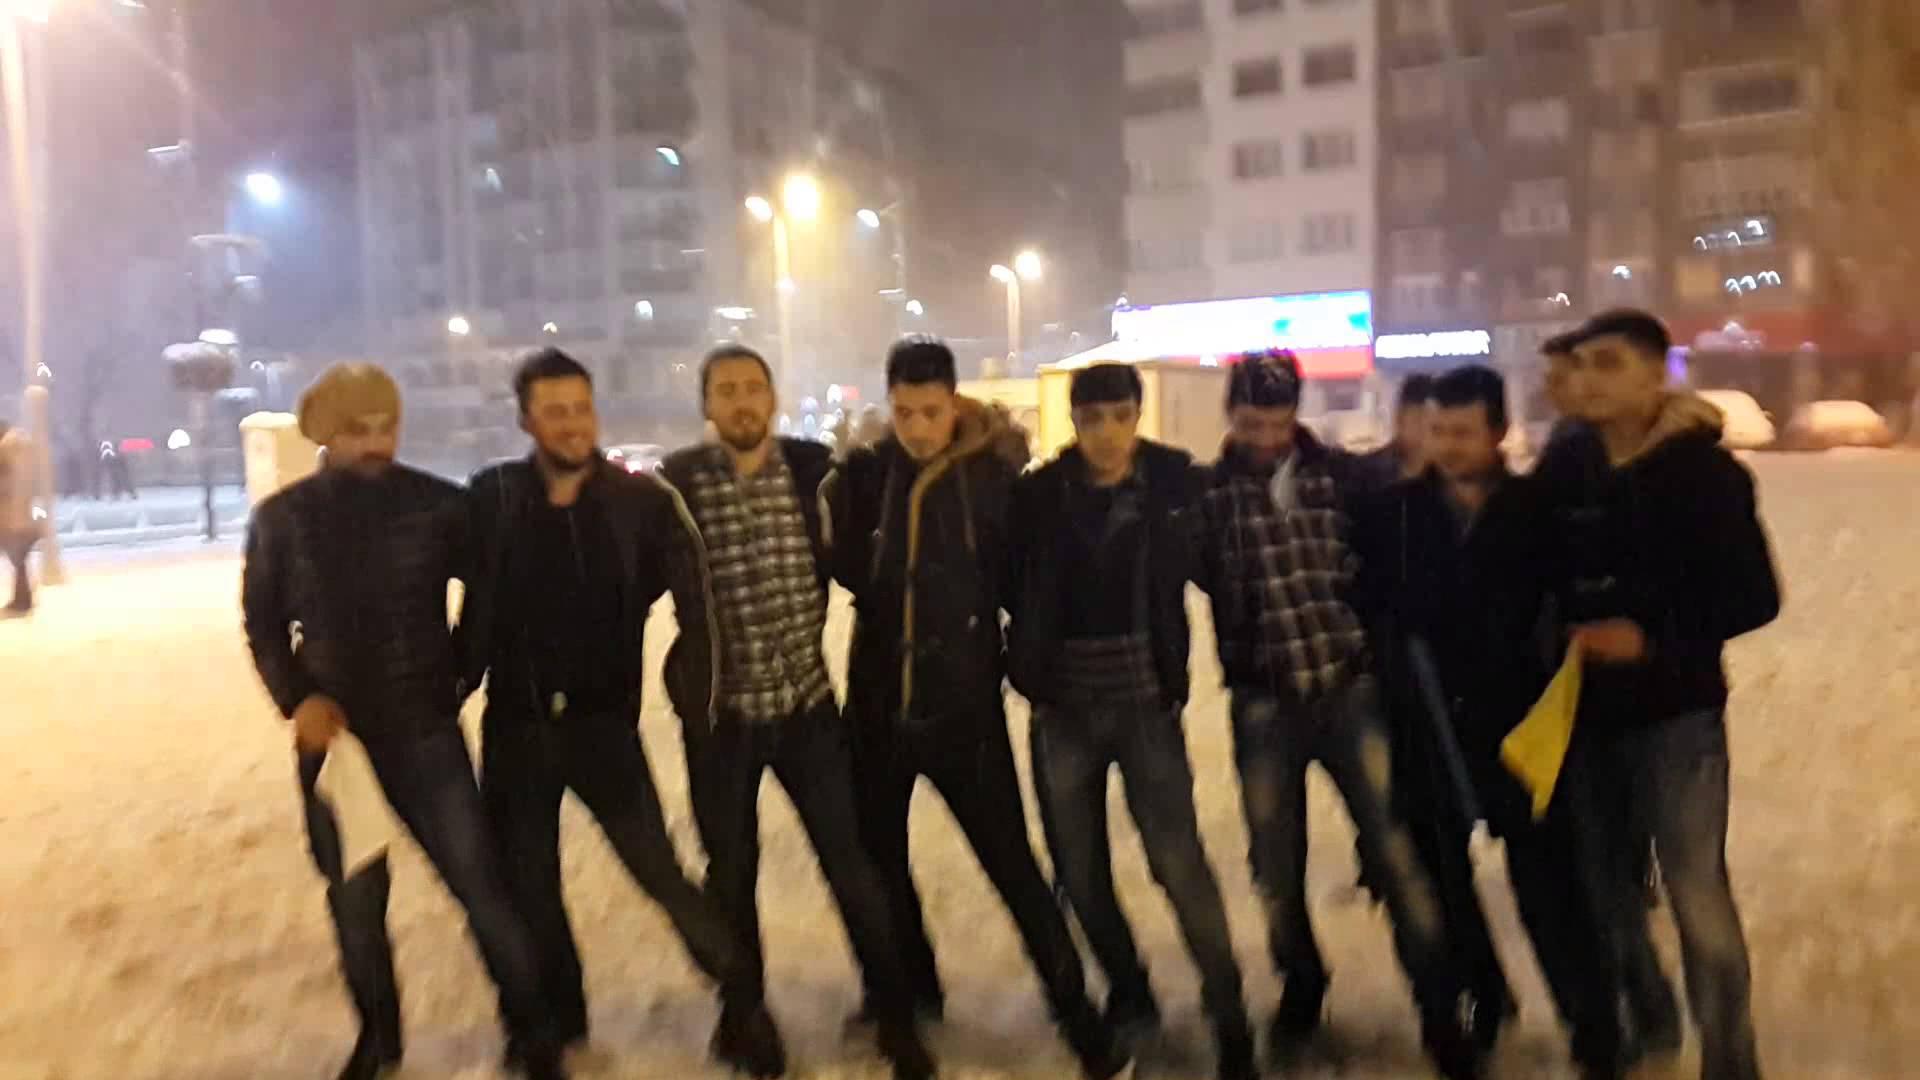 Sivas'a kar yağıyor sivaslılar halay çekiyor meydanda